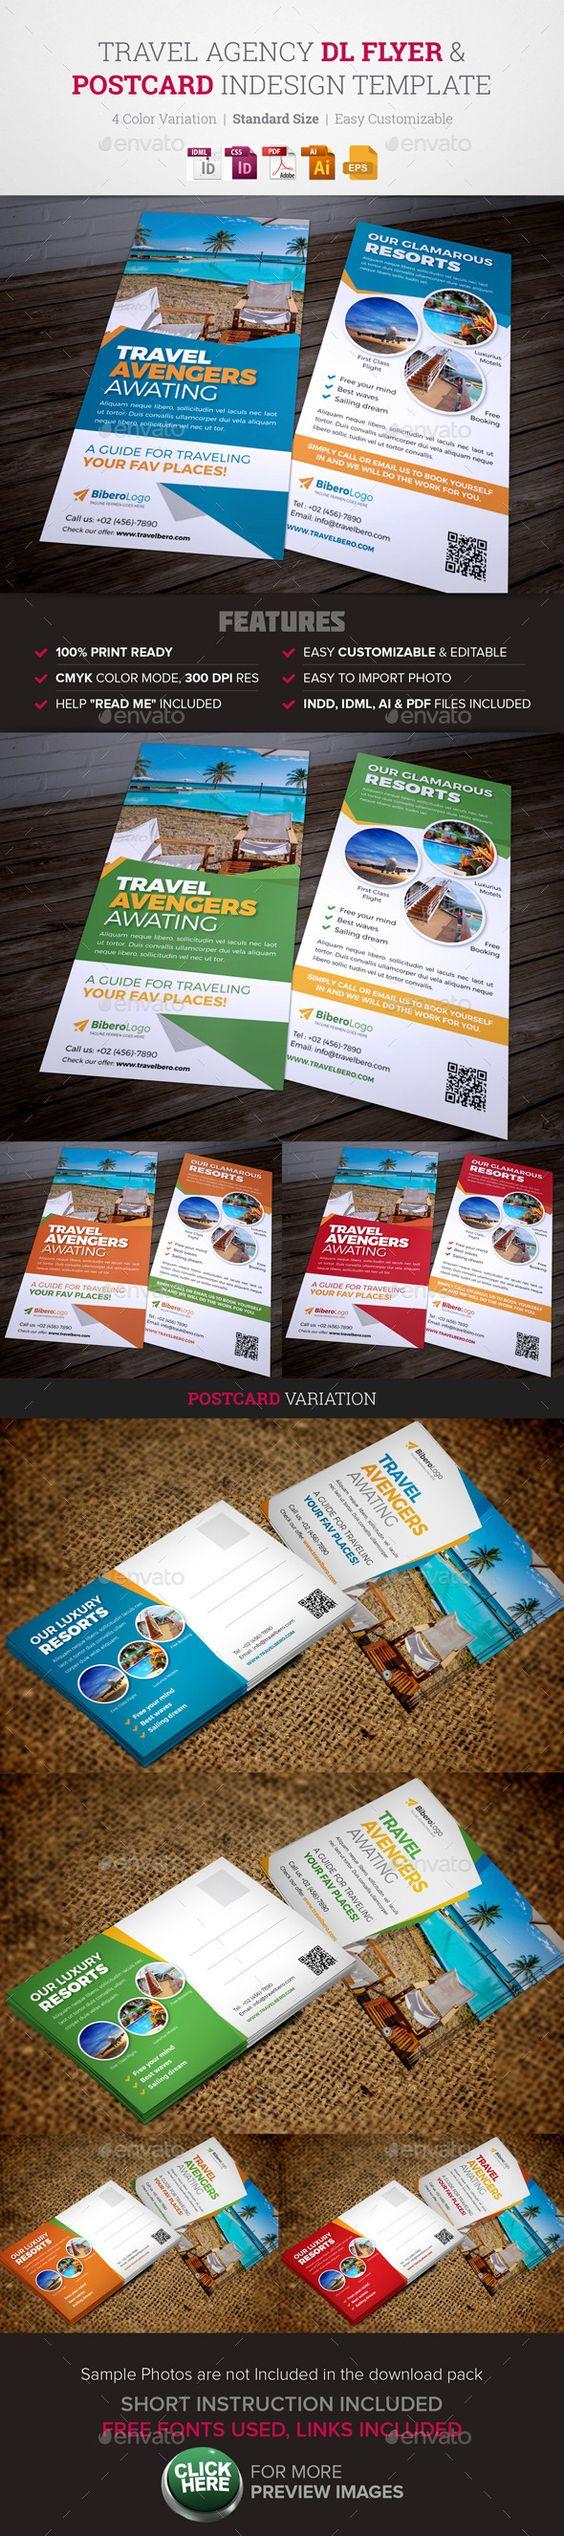 travel agency dl flyer postcard indesign design travel and flyers. Black Bedroom Furniture Sets. Home Design Ideas